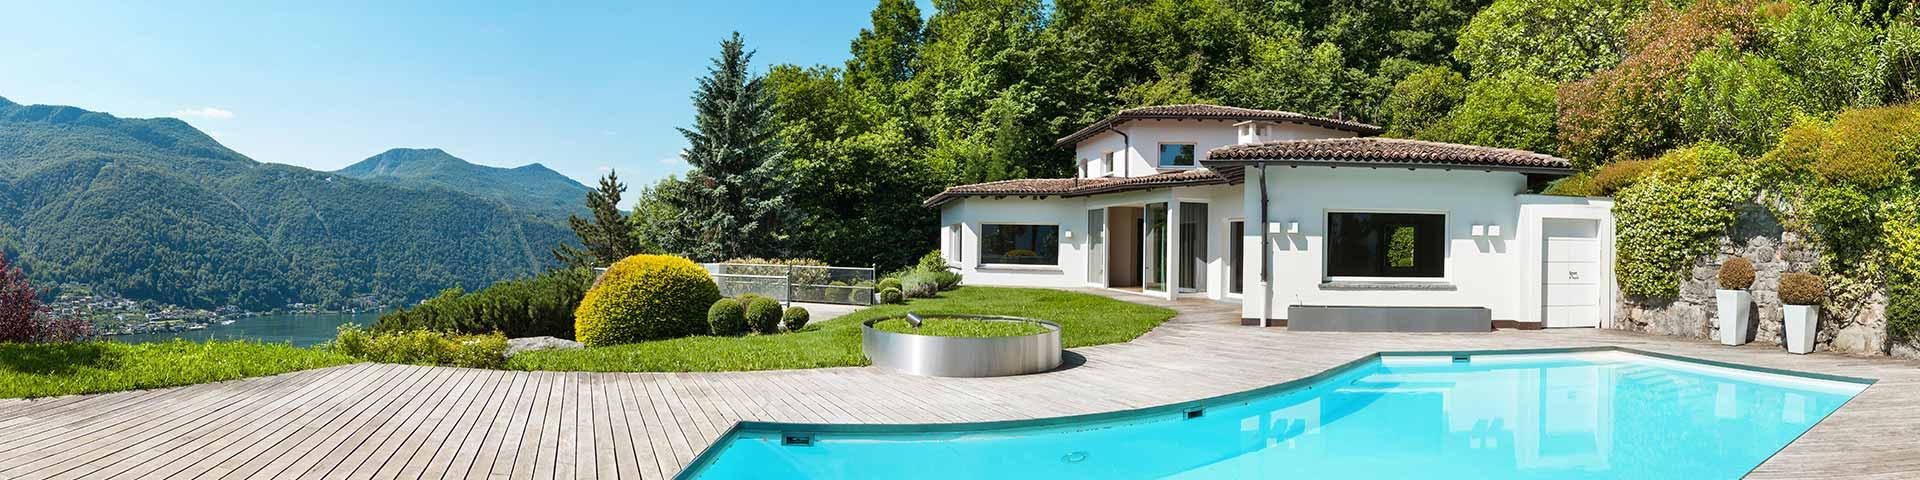 Réservez Votre Villa Ou Maison Pour Vos Vacances intérieur Location Villa Portugal Avec Piscine Pas Cher